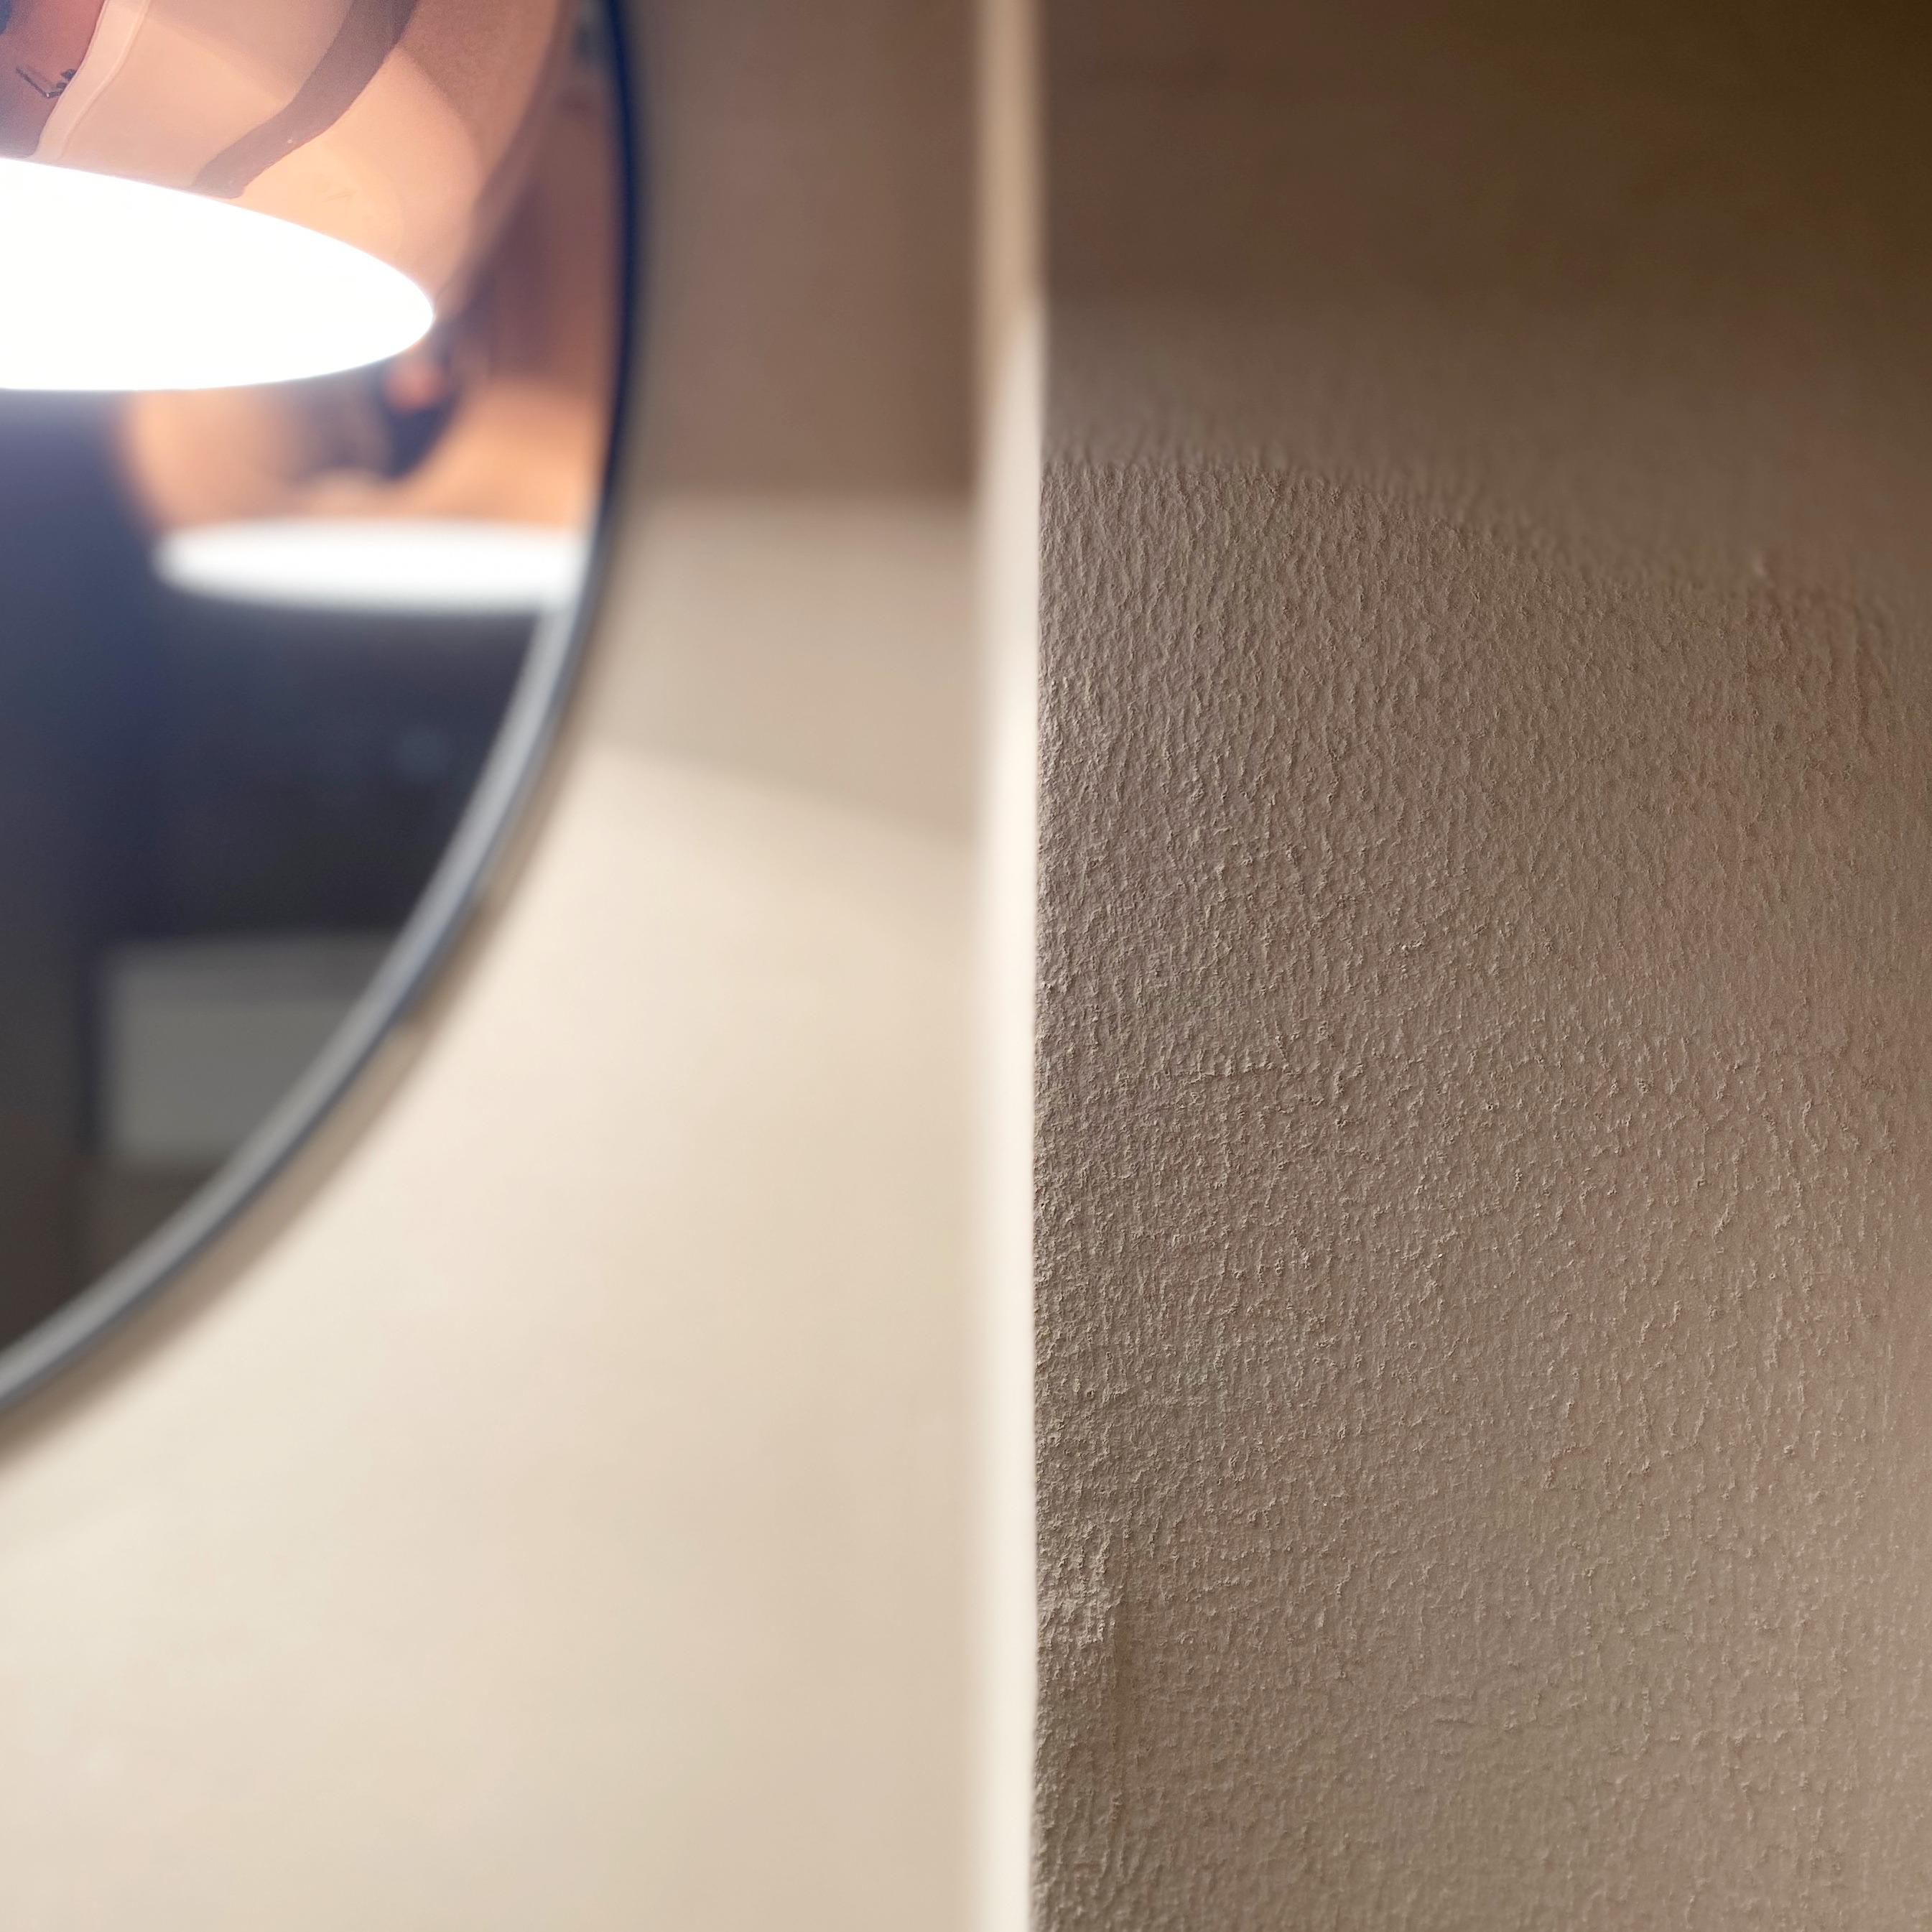 Vessan sisustus jossa seinämaalina käytettiin kalkkimaalia luomaan pehmeää tunnelmaa.